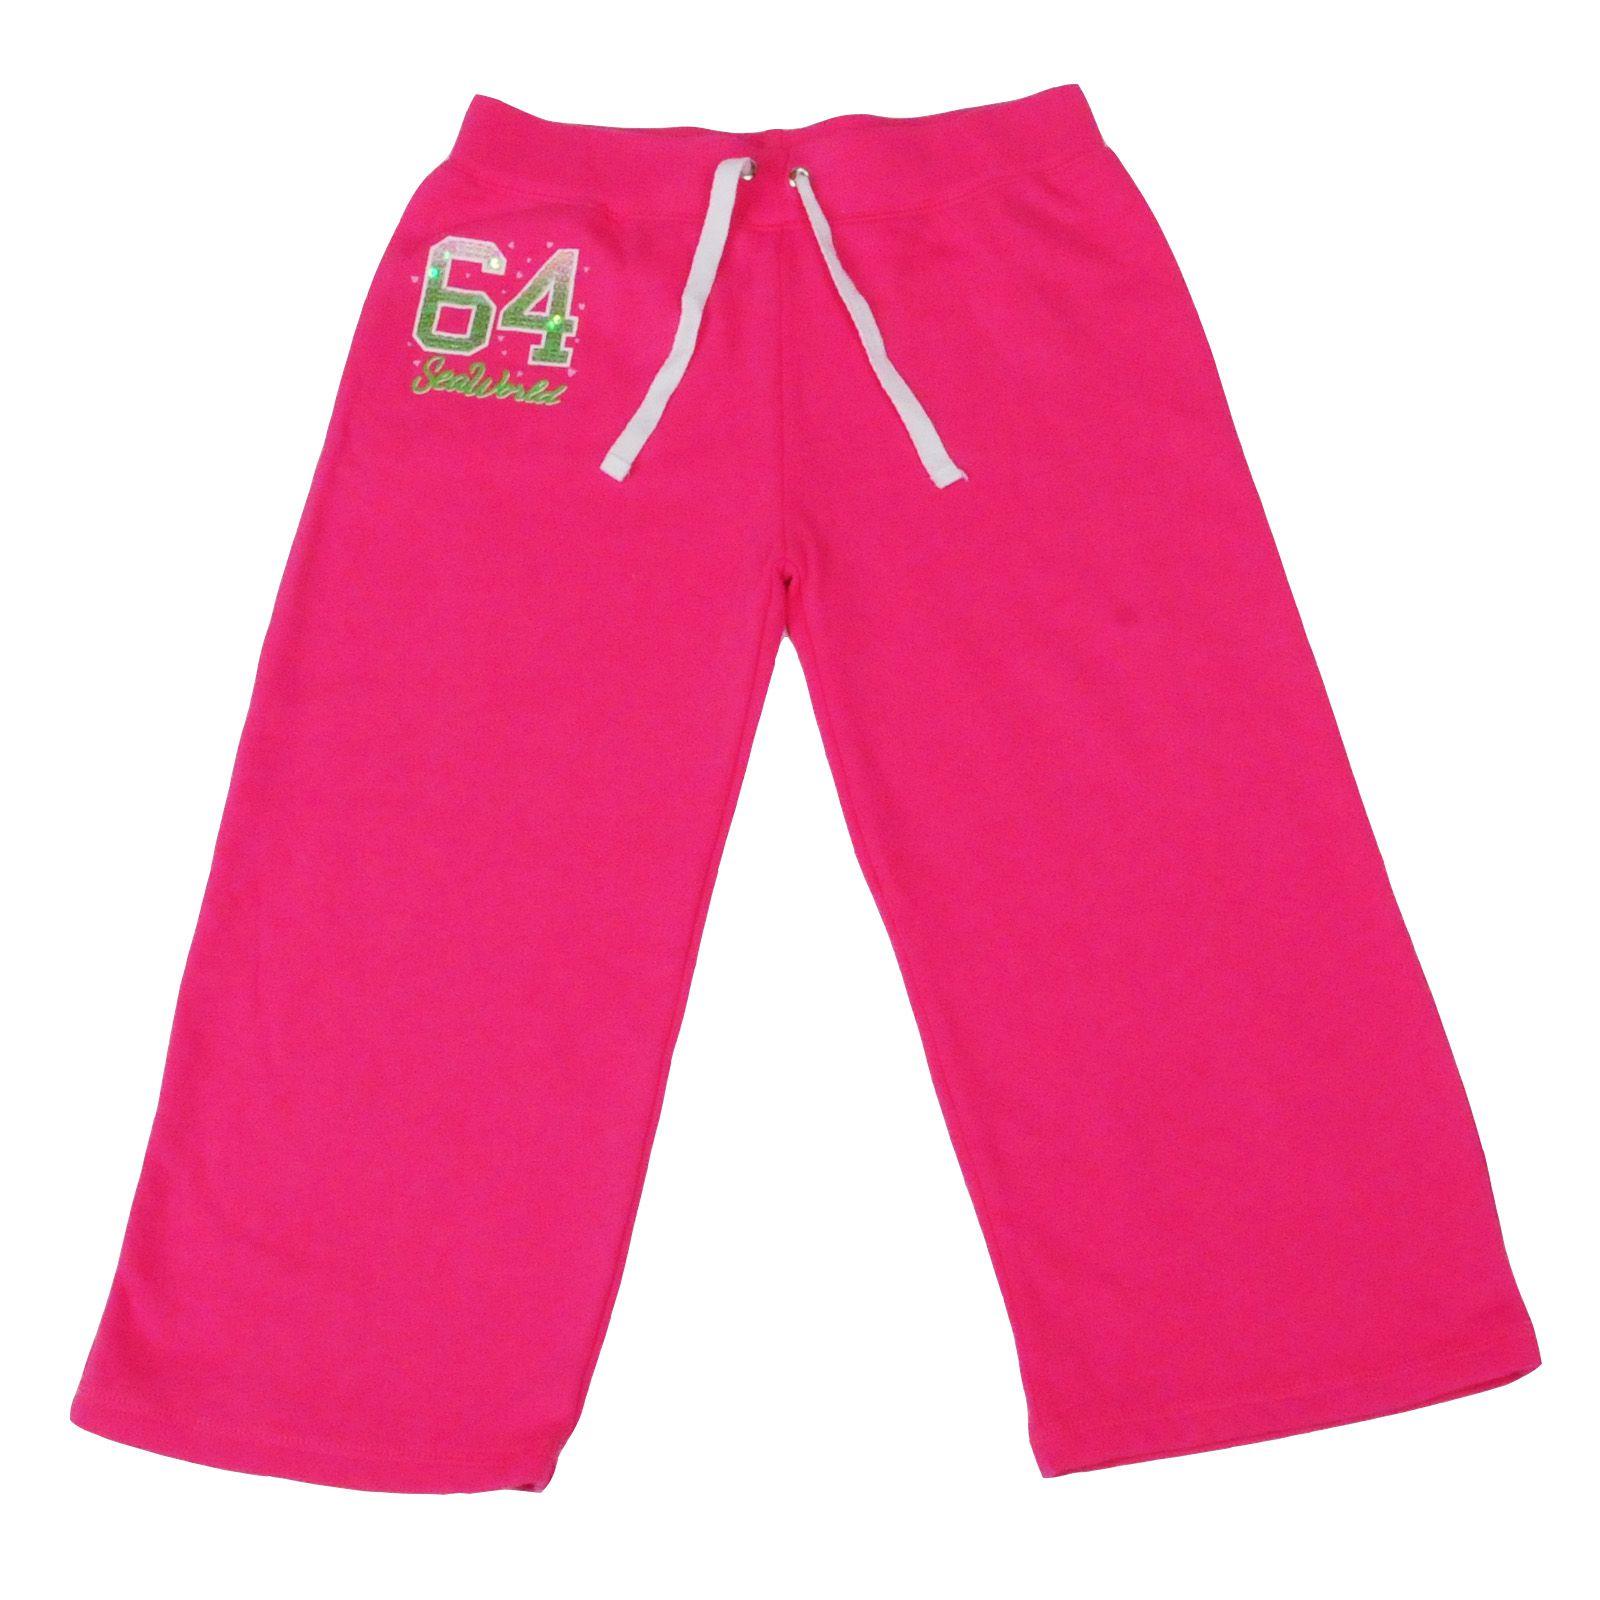 Стильные шорты-бермуды для девочки от SeaWorld® (США)